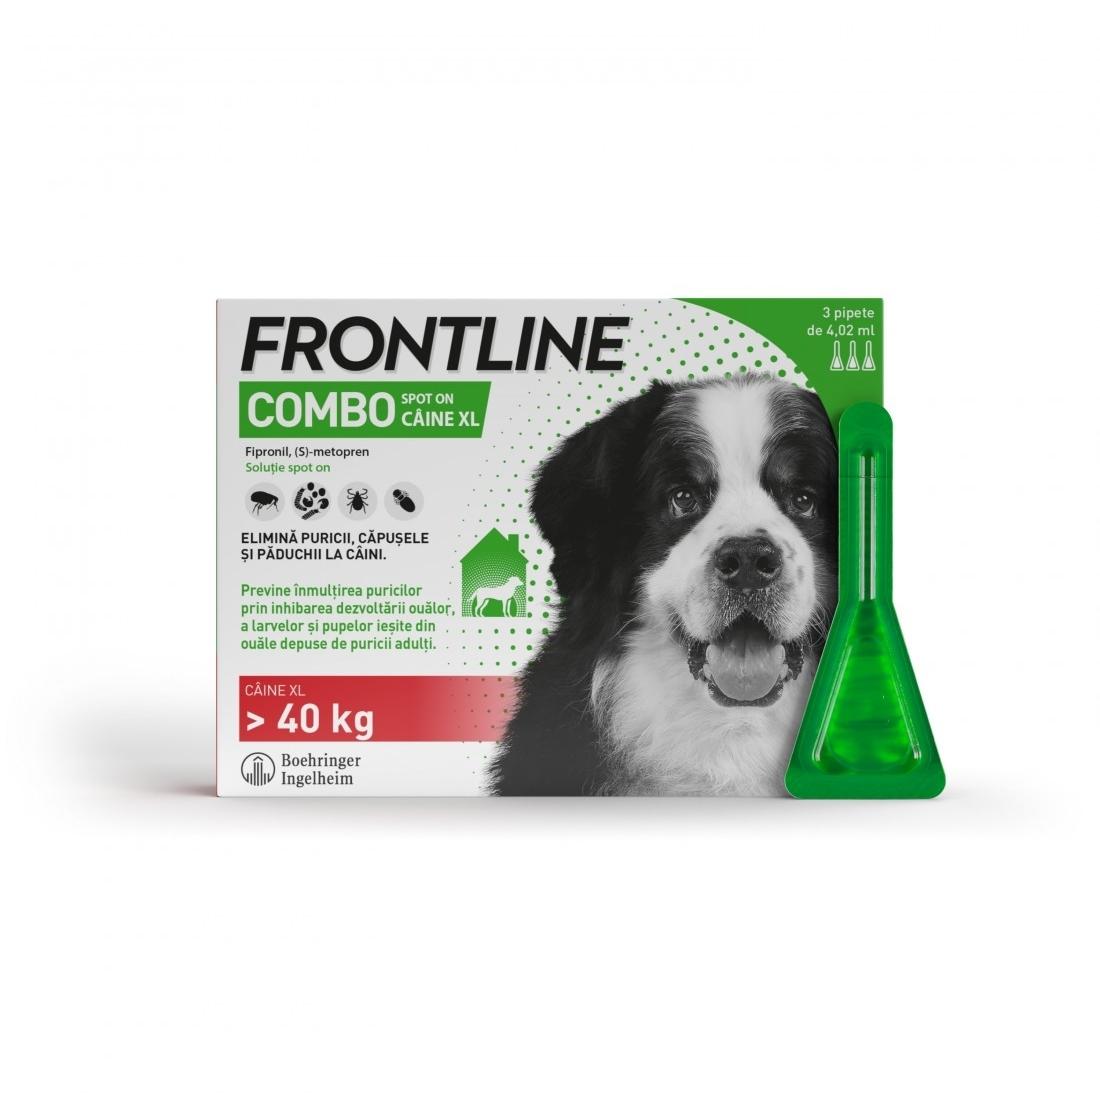 Frontline Combo XL (40-60 kg) - 3 Pipete Antiparazitare imagine